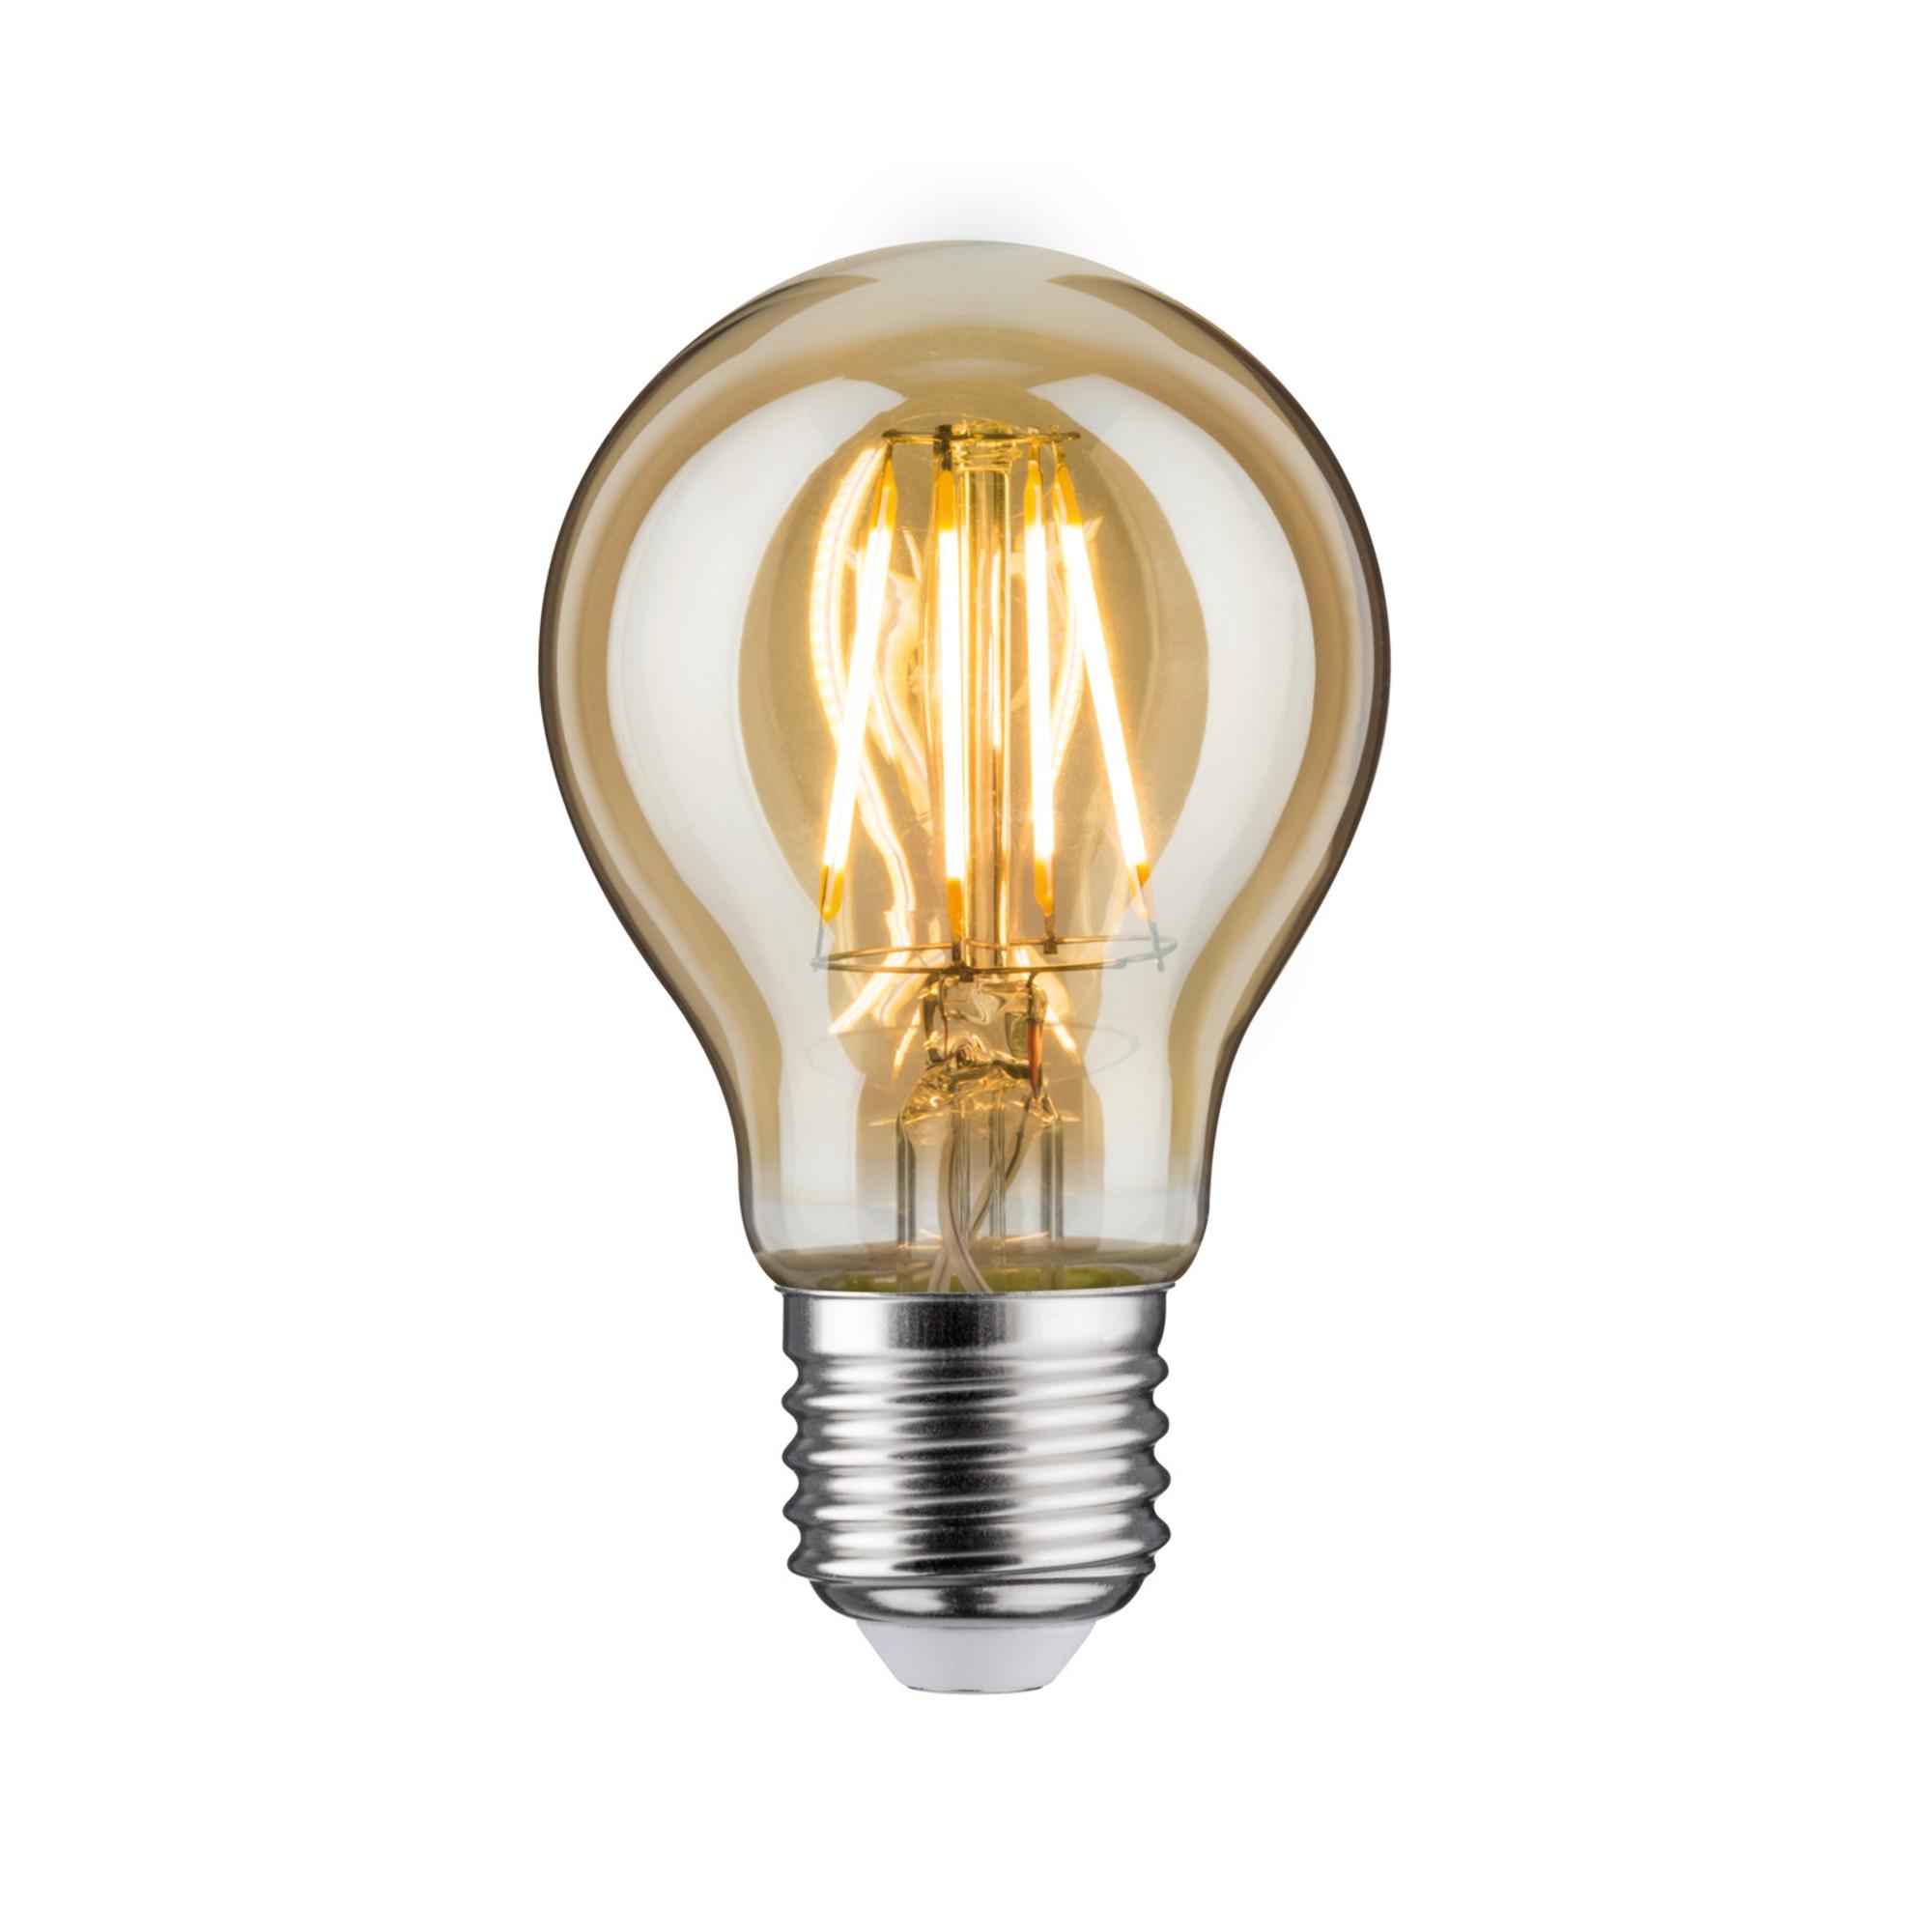 Лампа филаментная Paulmann Общего назначения 5Вт 380лм 2500К E27 230В Золото 28374.